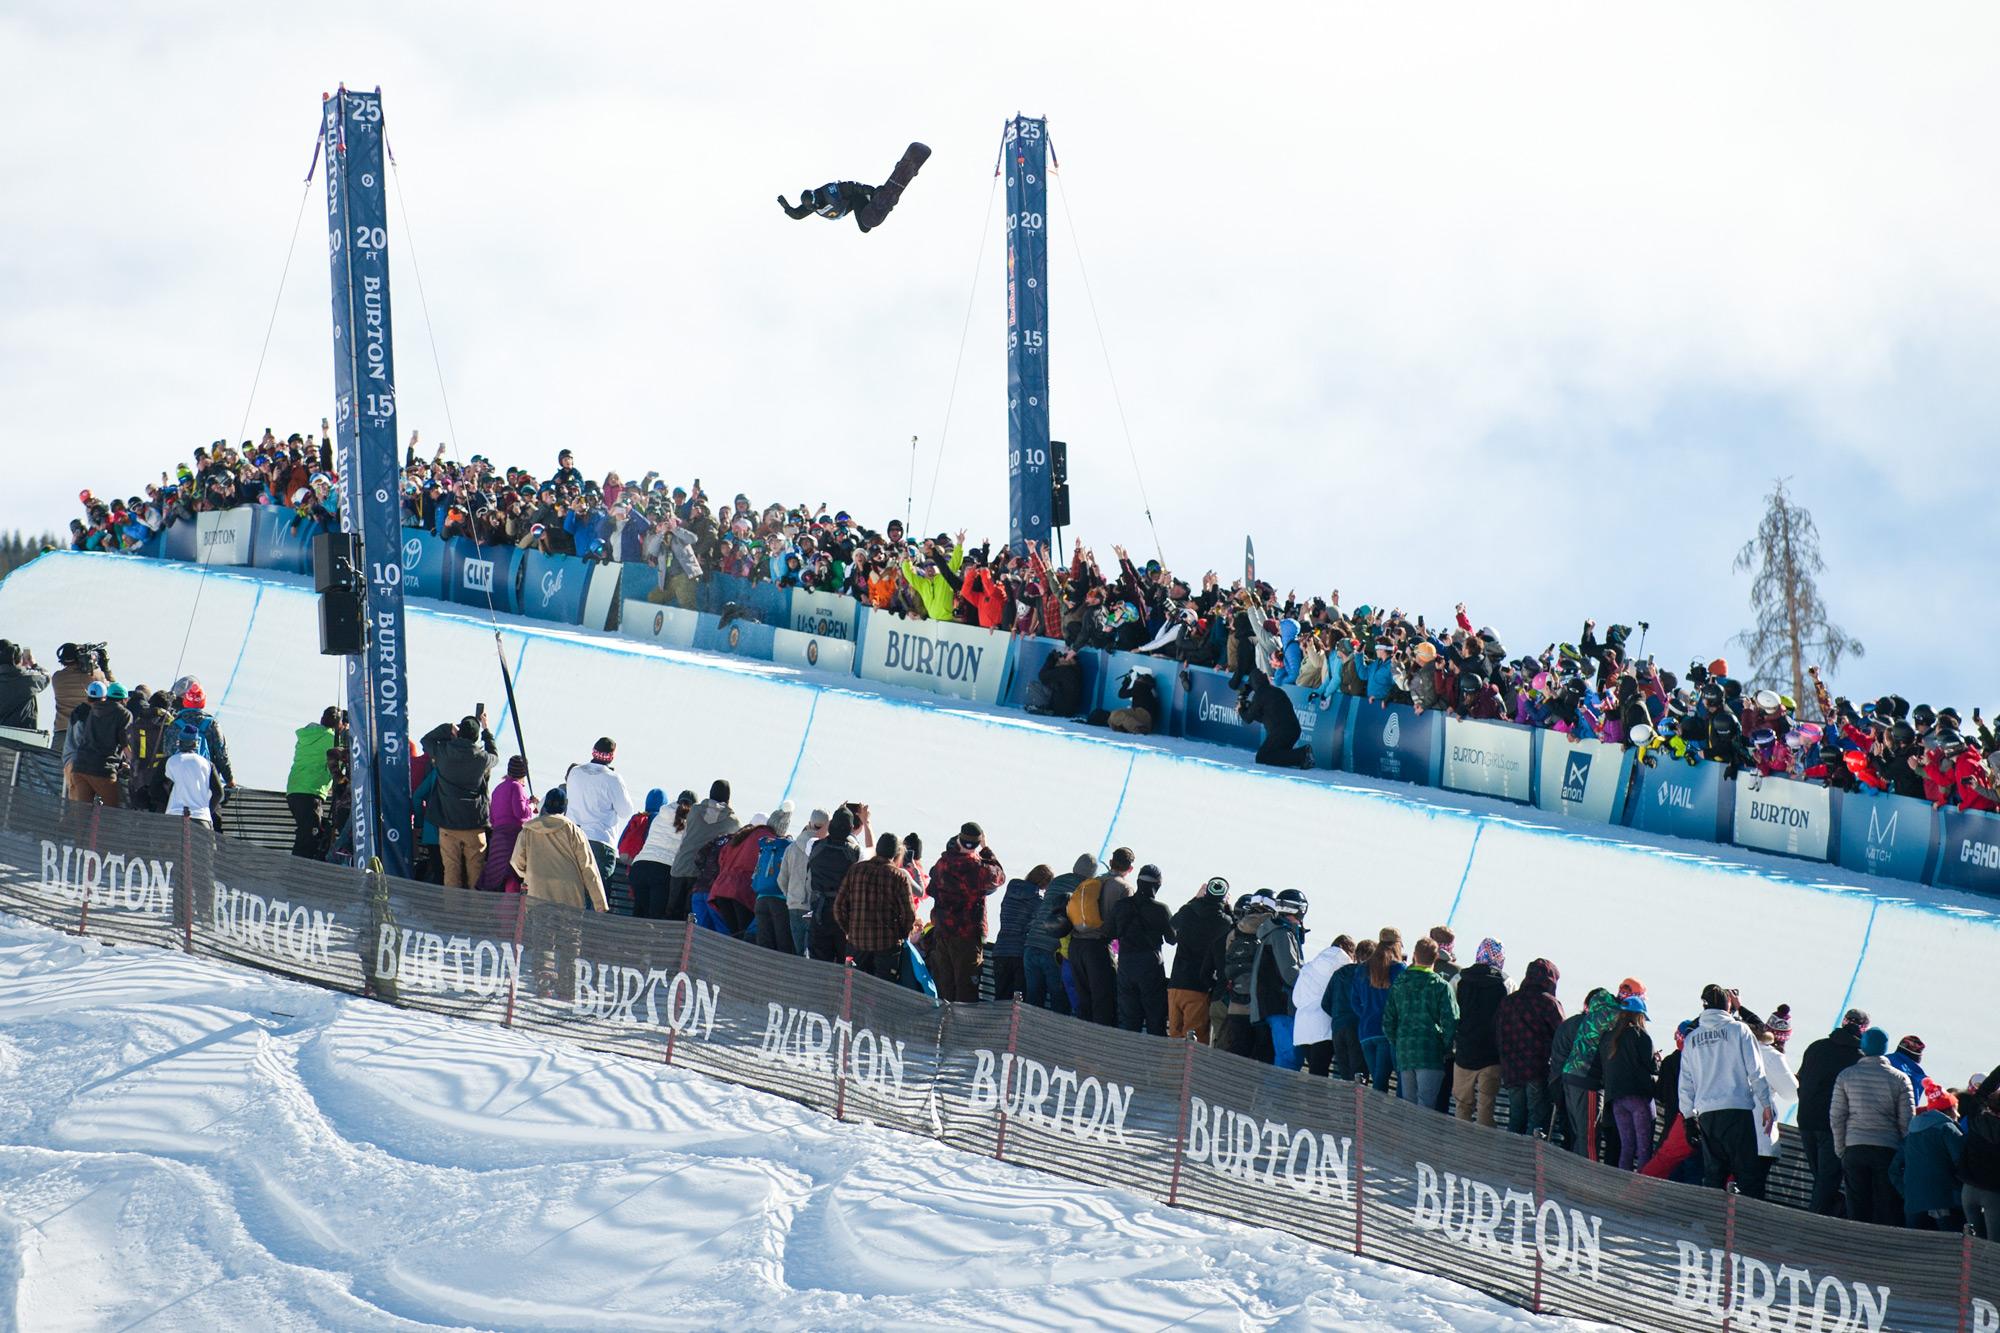 Clavin_Snowboarding_Burton85_Shaun_White_Air.jpg